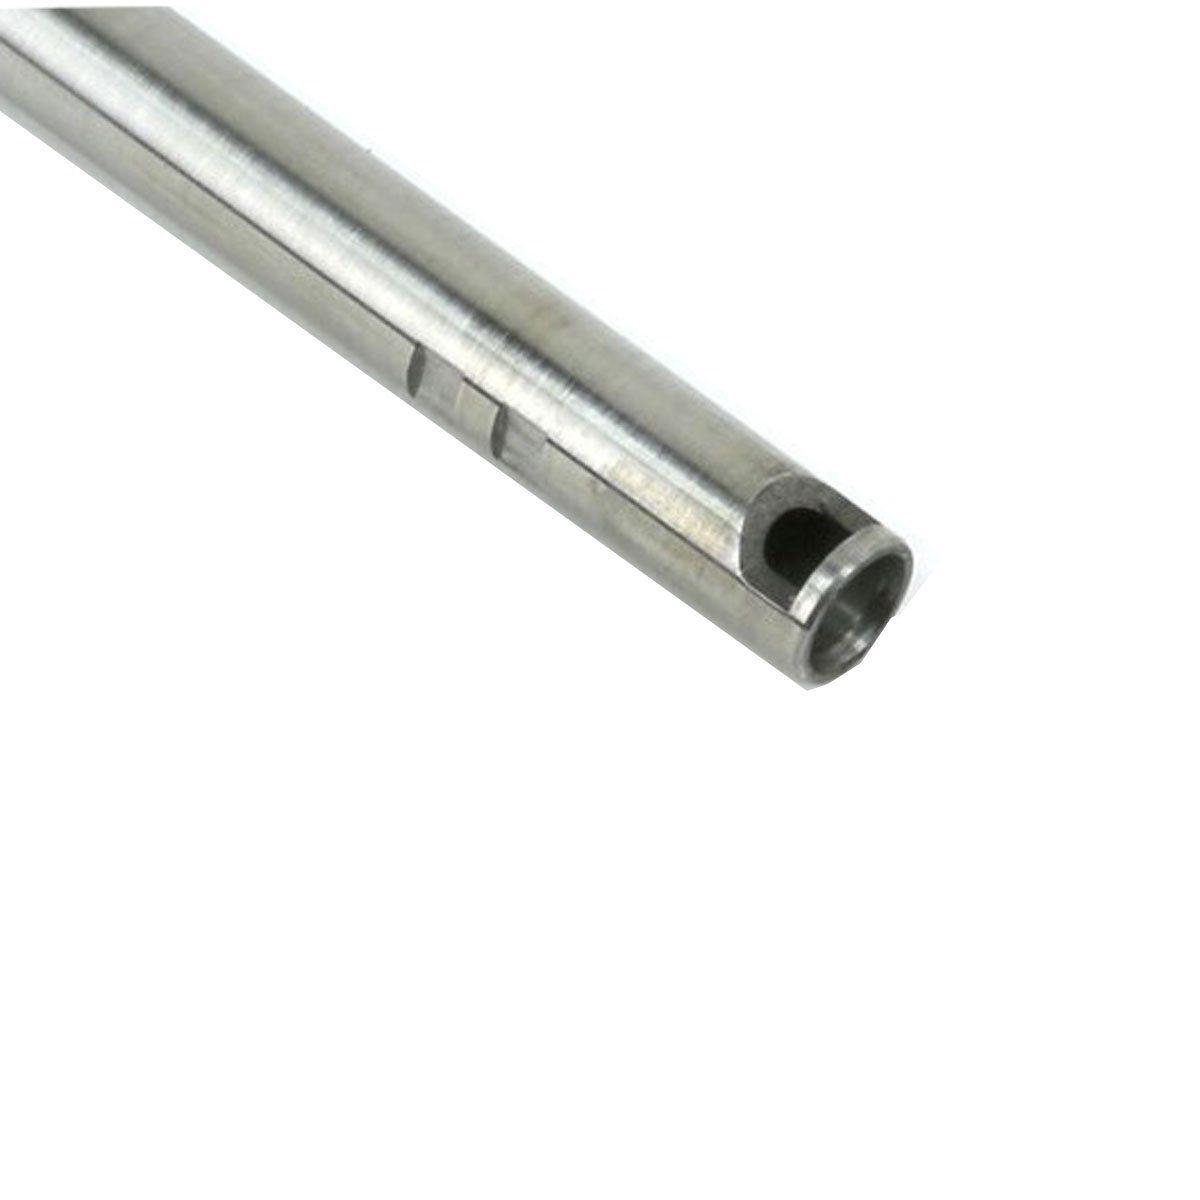 Cano de Precisão em Aço Inox 363mm 6.03mm SHS